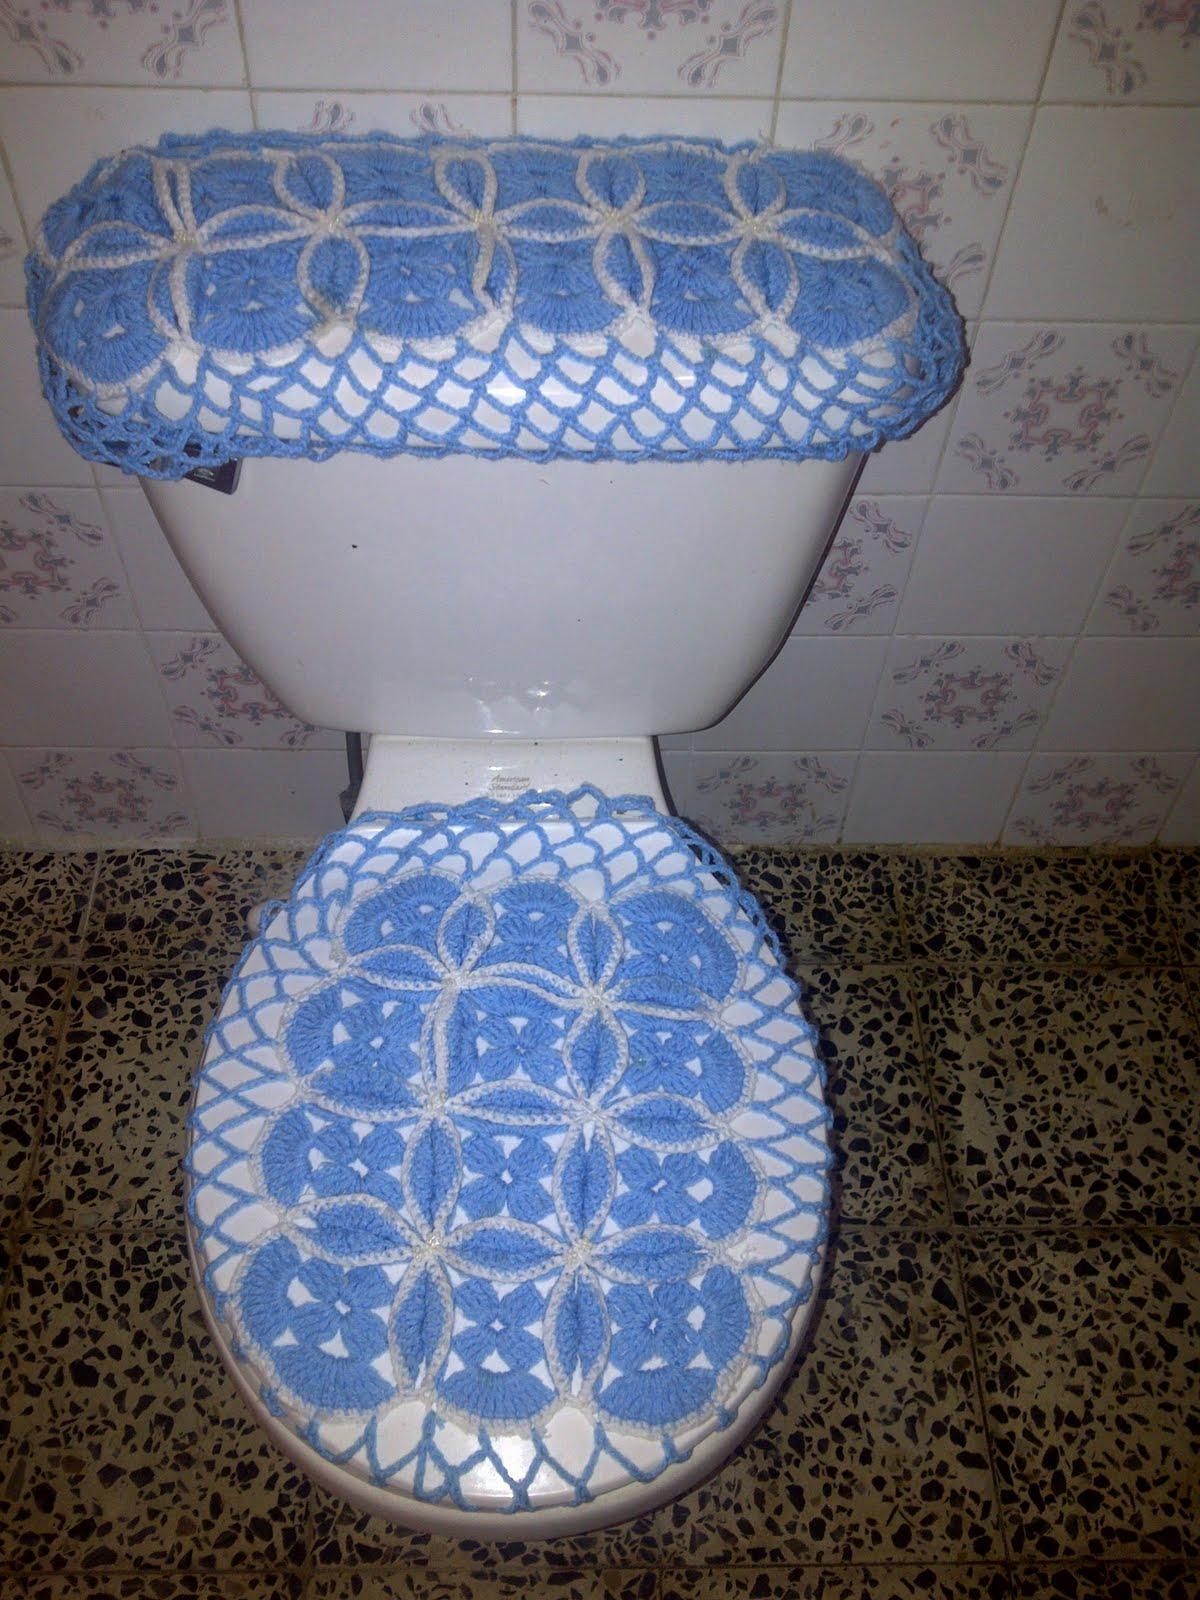 Juegos De Baño A Crochet:mi mundo apasionado del crochet: juego de bano azul, en red floral